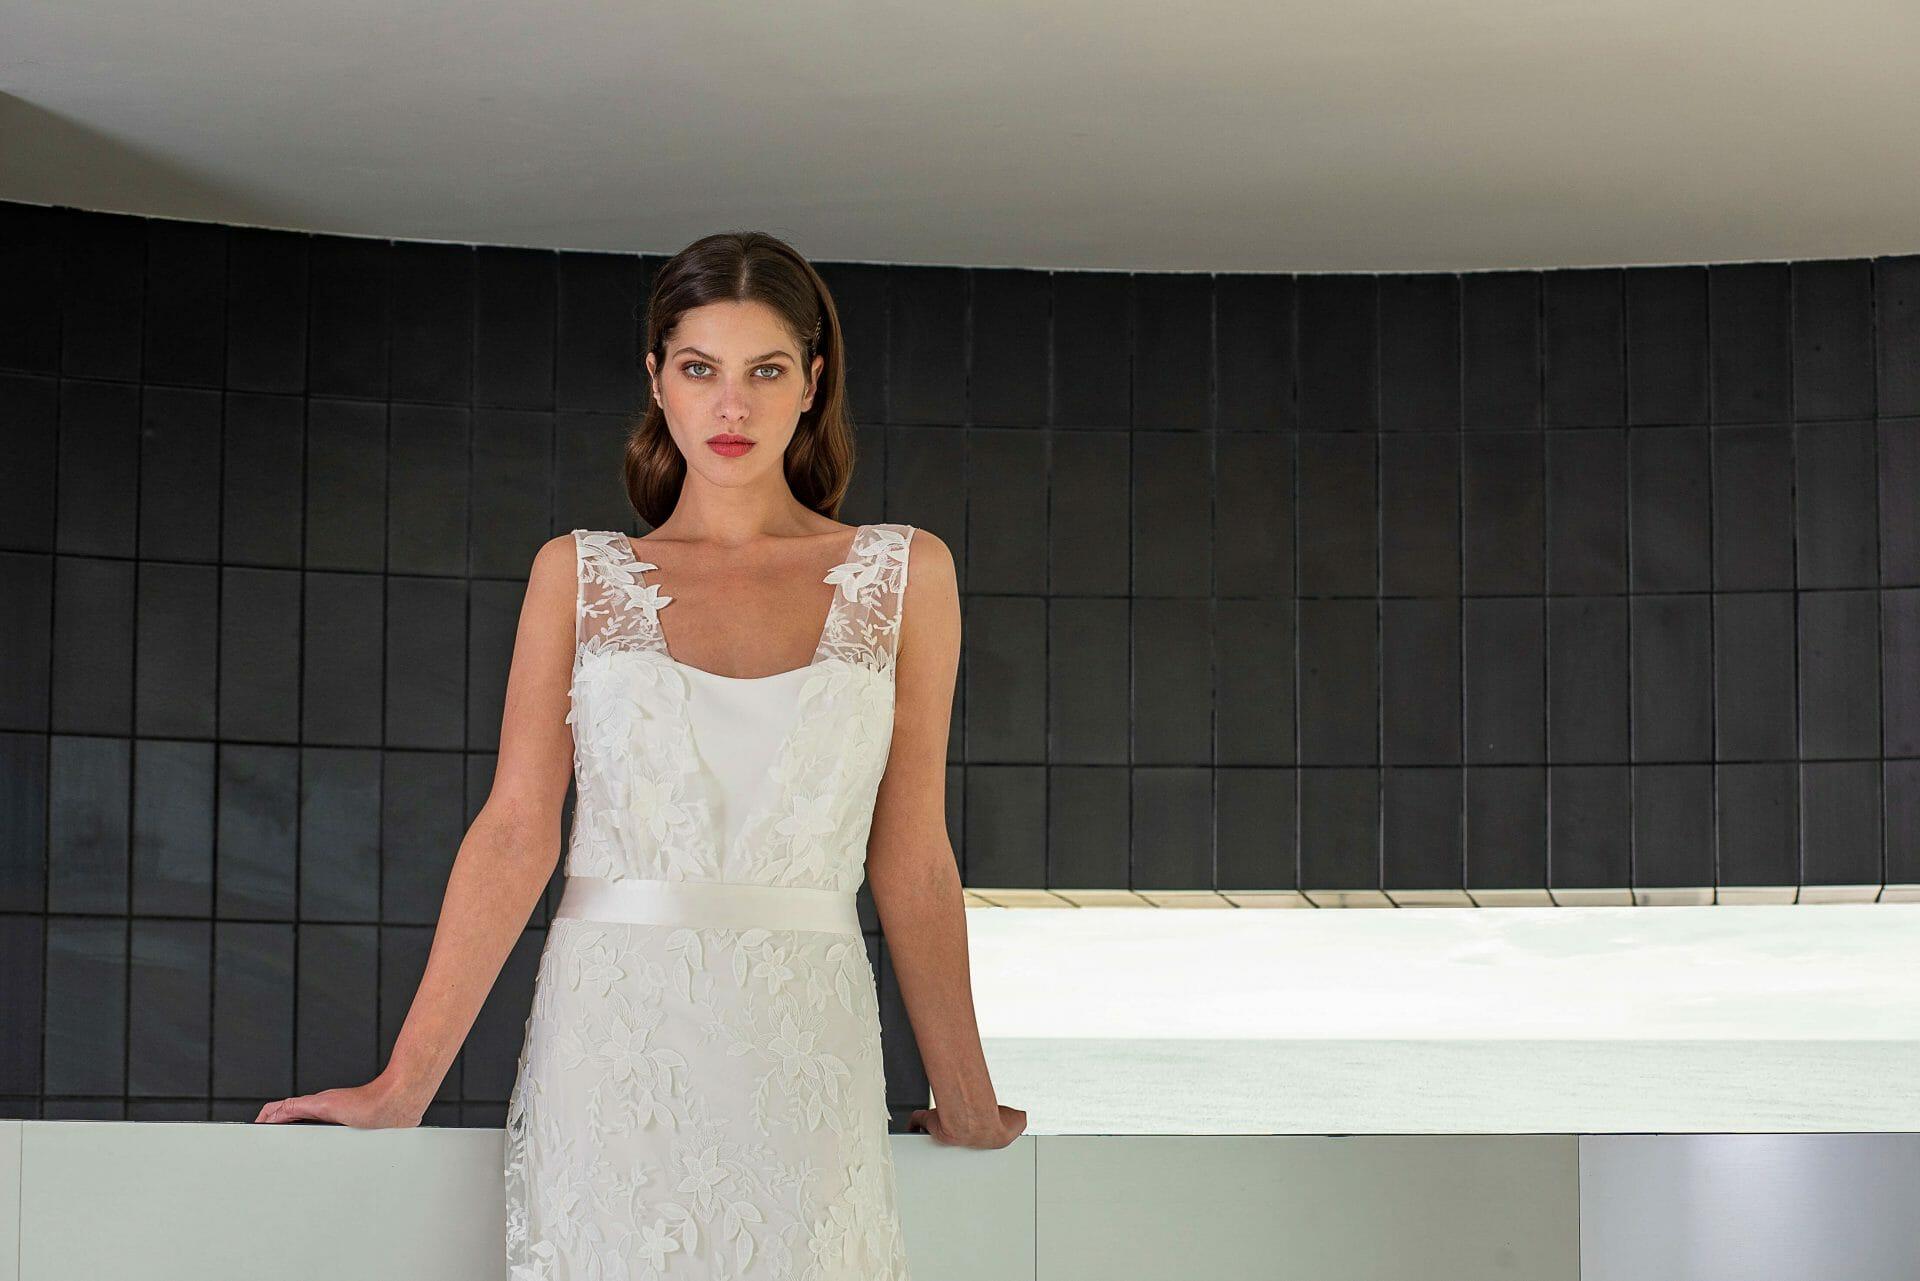 La robe de mariée Bonifacio, style bohème graphique fabriquée en France par Lambert Créations pour Croquelune